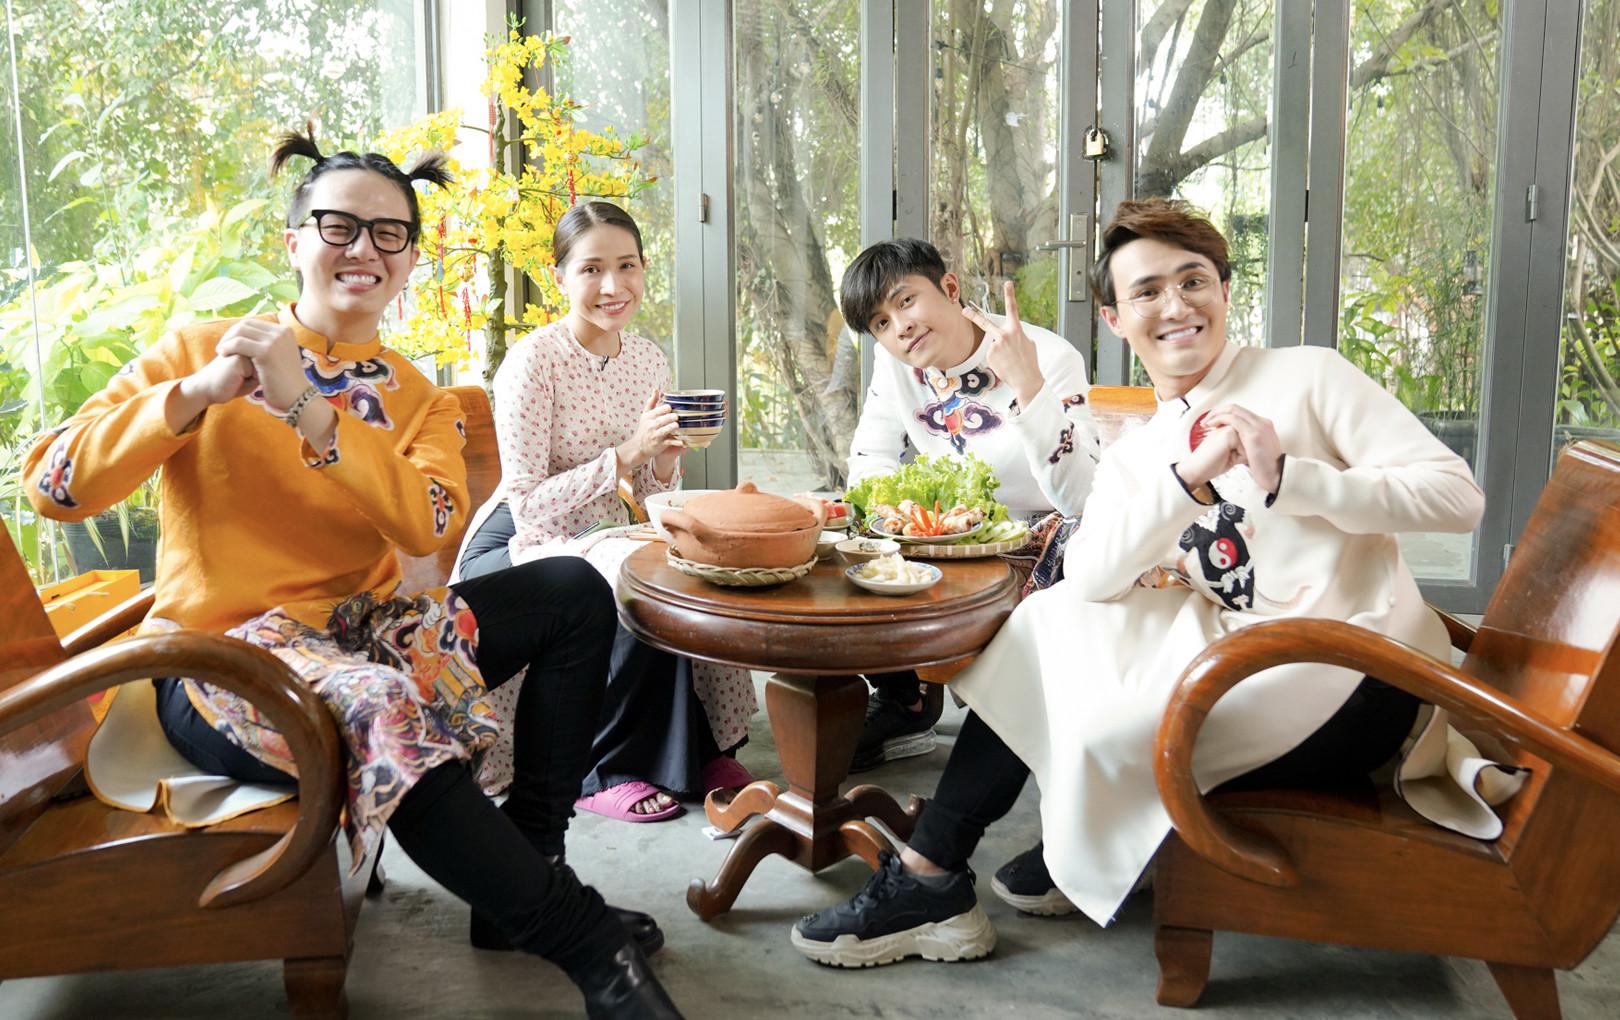 Khám phá bữa cơm Tết 3 miền cùng Gin Tuấn Kiệt, Khả Như, Duy Khánh